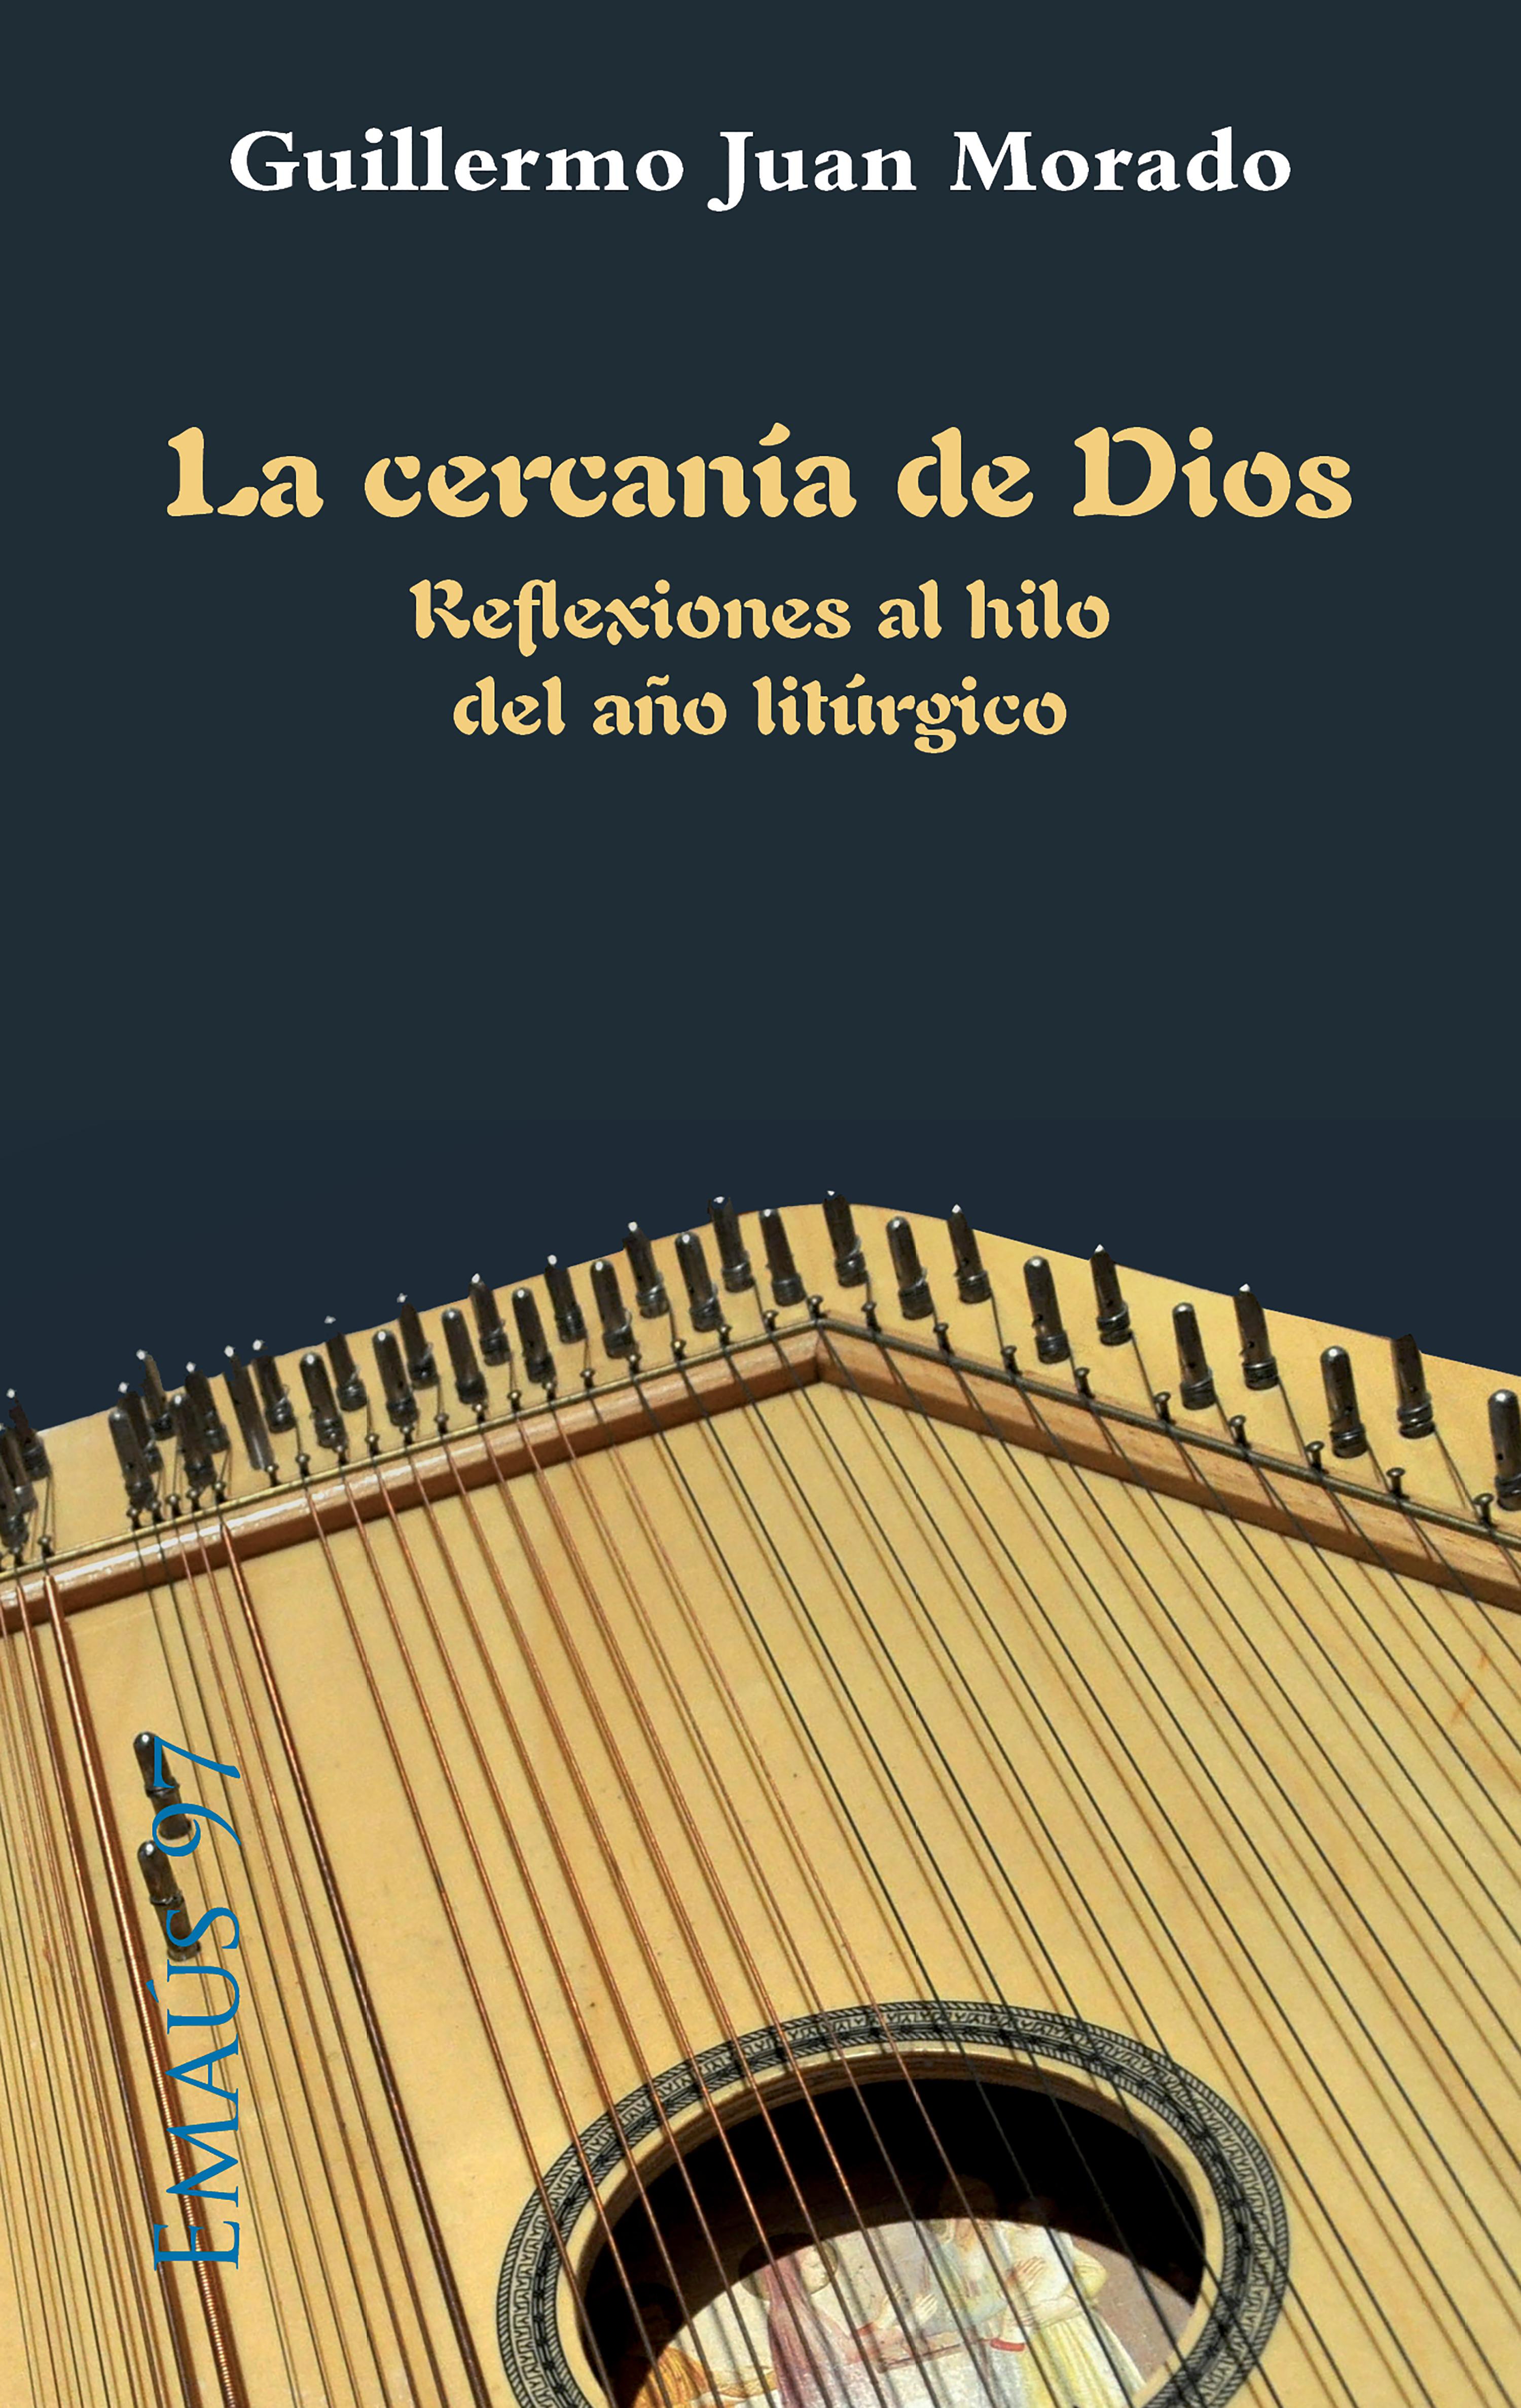 Guillermo Juan Morado La cercanía de Dios michael krüger el dios detrás de la ventana